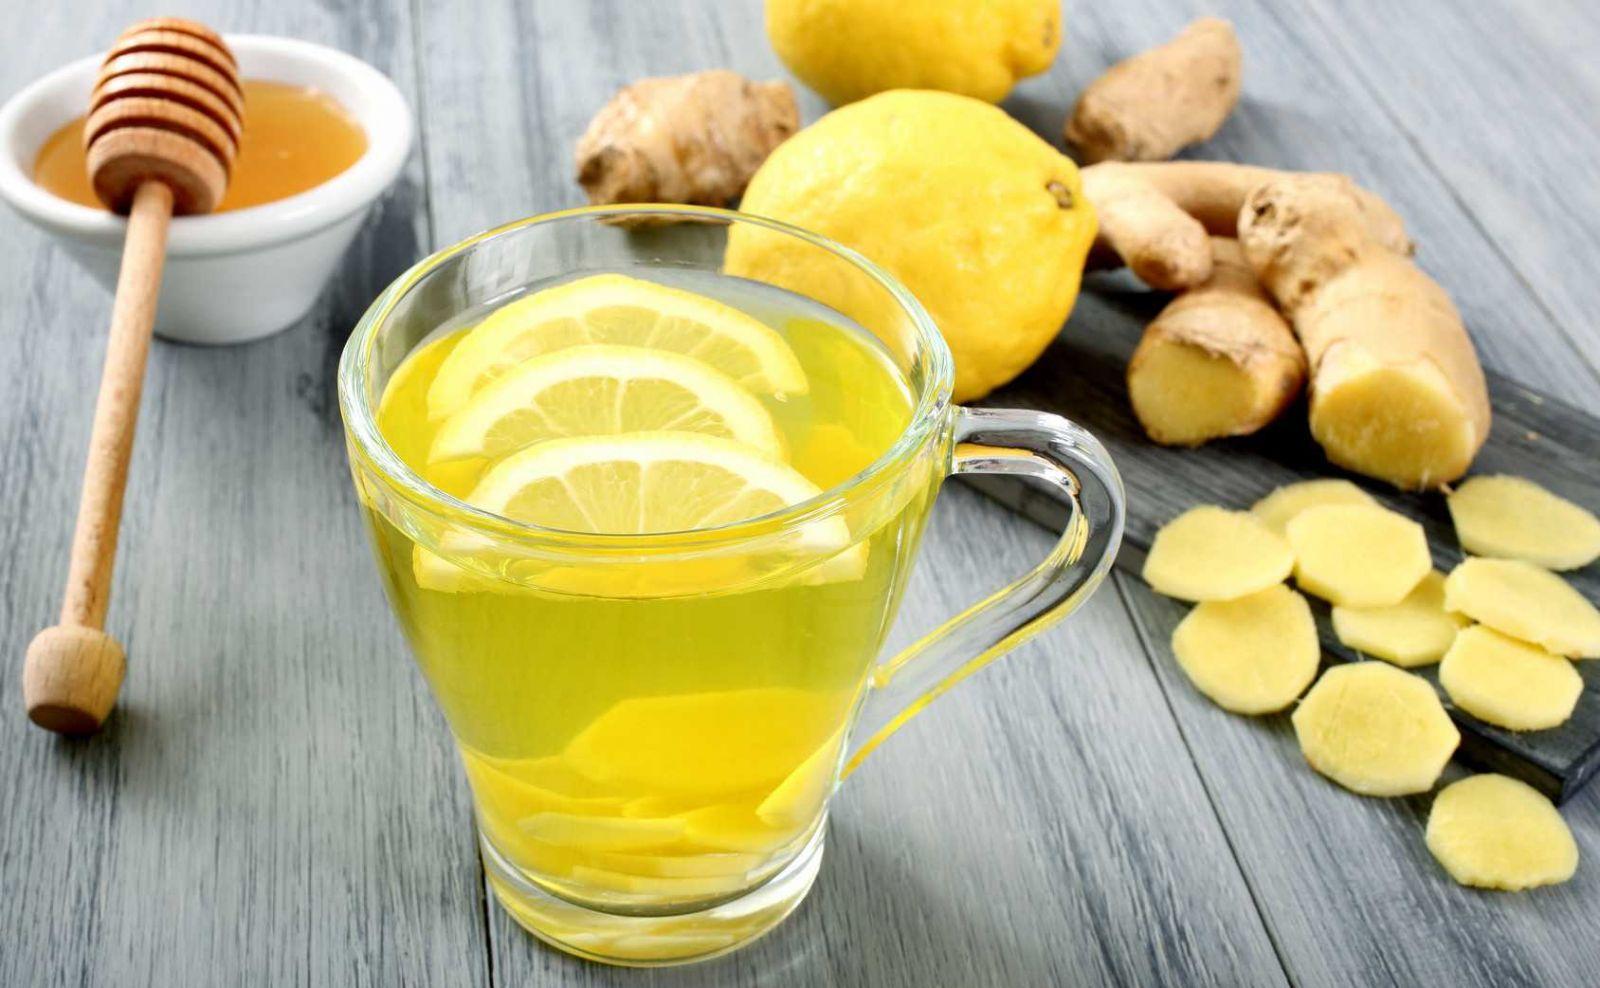 Как приготовить смесь (напиток) из имбиря, лимона и меда для поднятия иммунитета – Повышение иммунитета